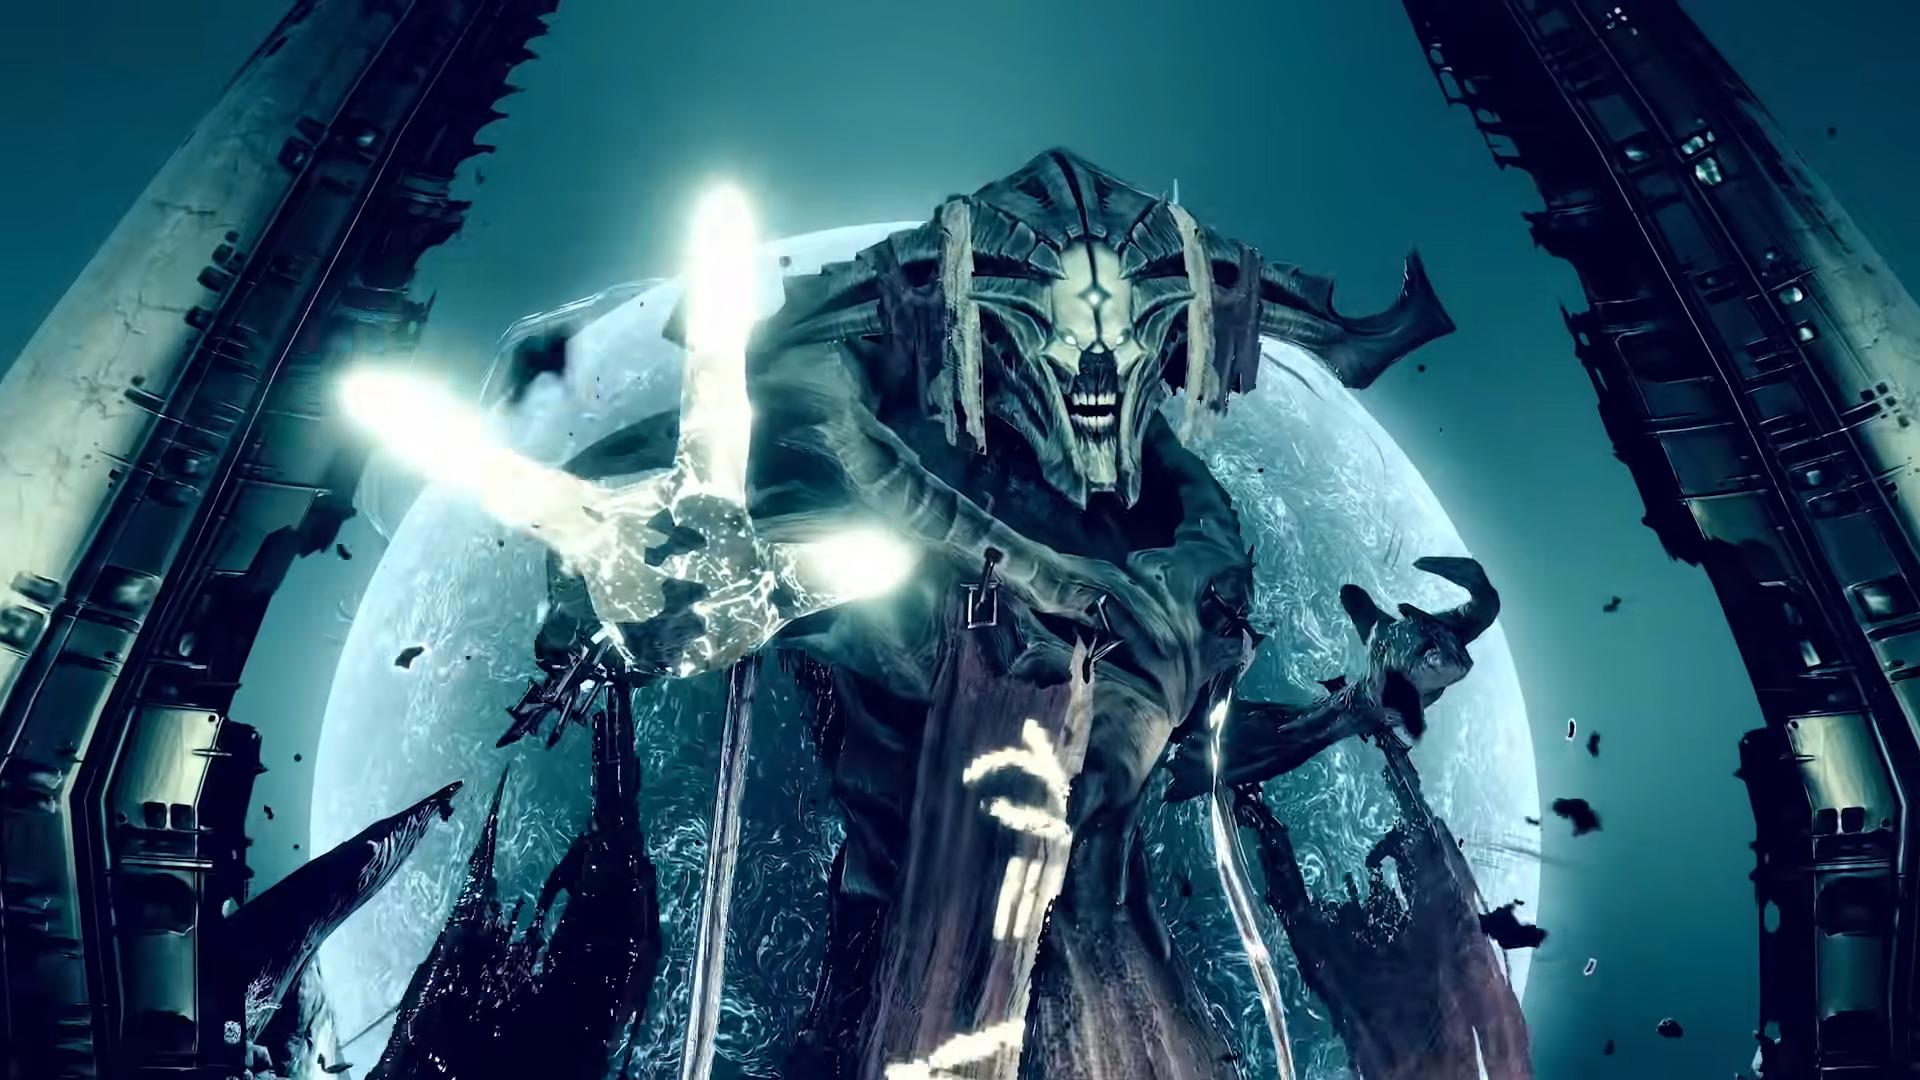 Destiny 2 Hotfix 3.0.0.4 Fixes Various Bugs Following Release Of Beyond Light DLC